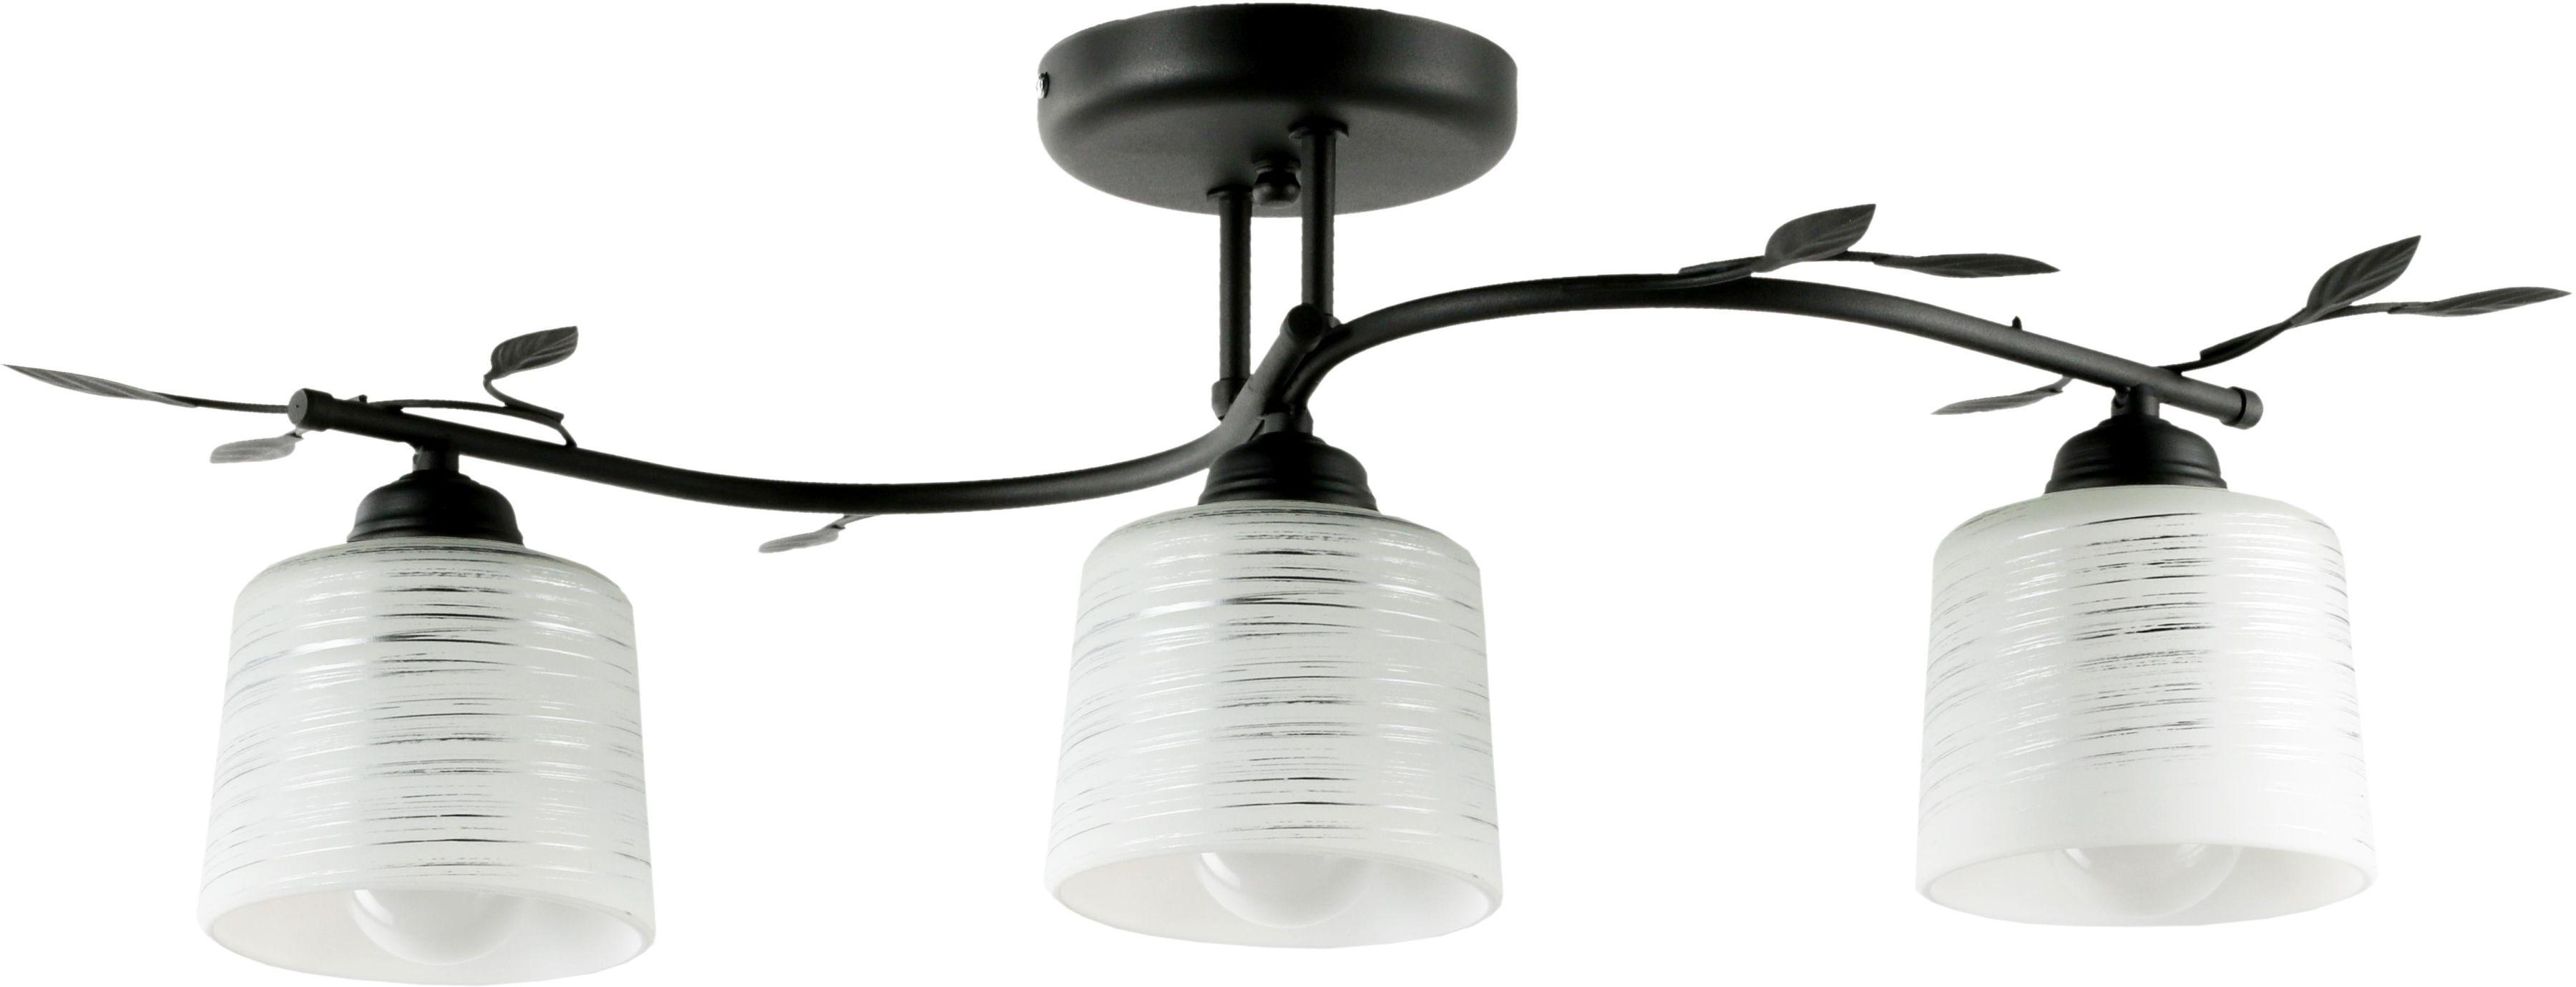 Lampex Viola 3A czarna 648/3A CZA plafon lampa sufitowa klasyczna metalowa rama dekoracyjne listki klosz szkło E27 3x 60W 70cm